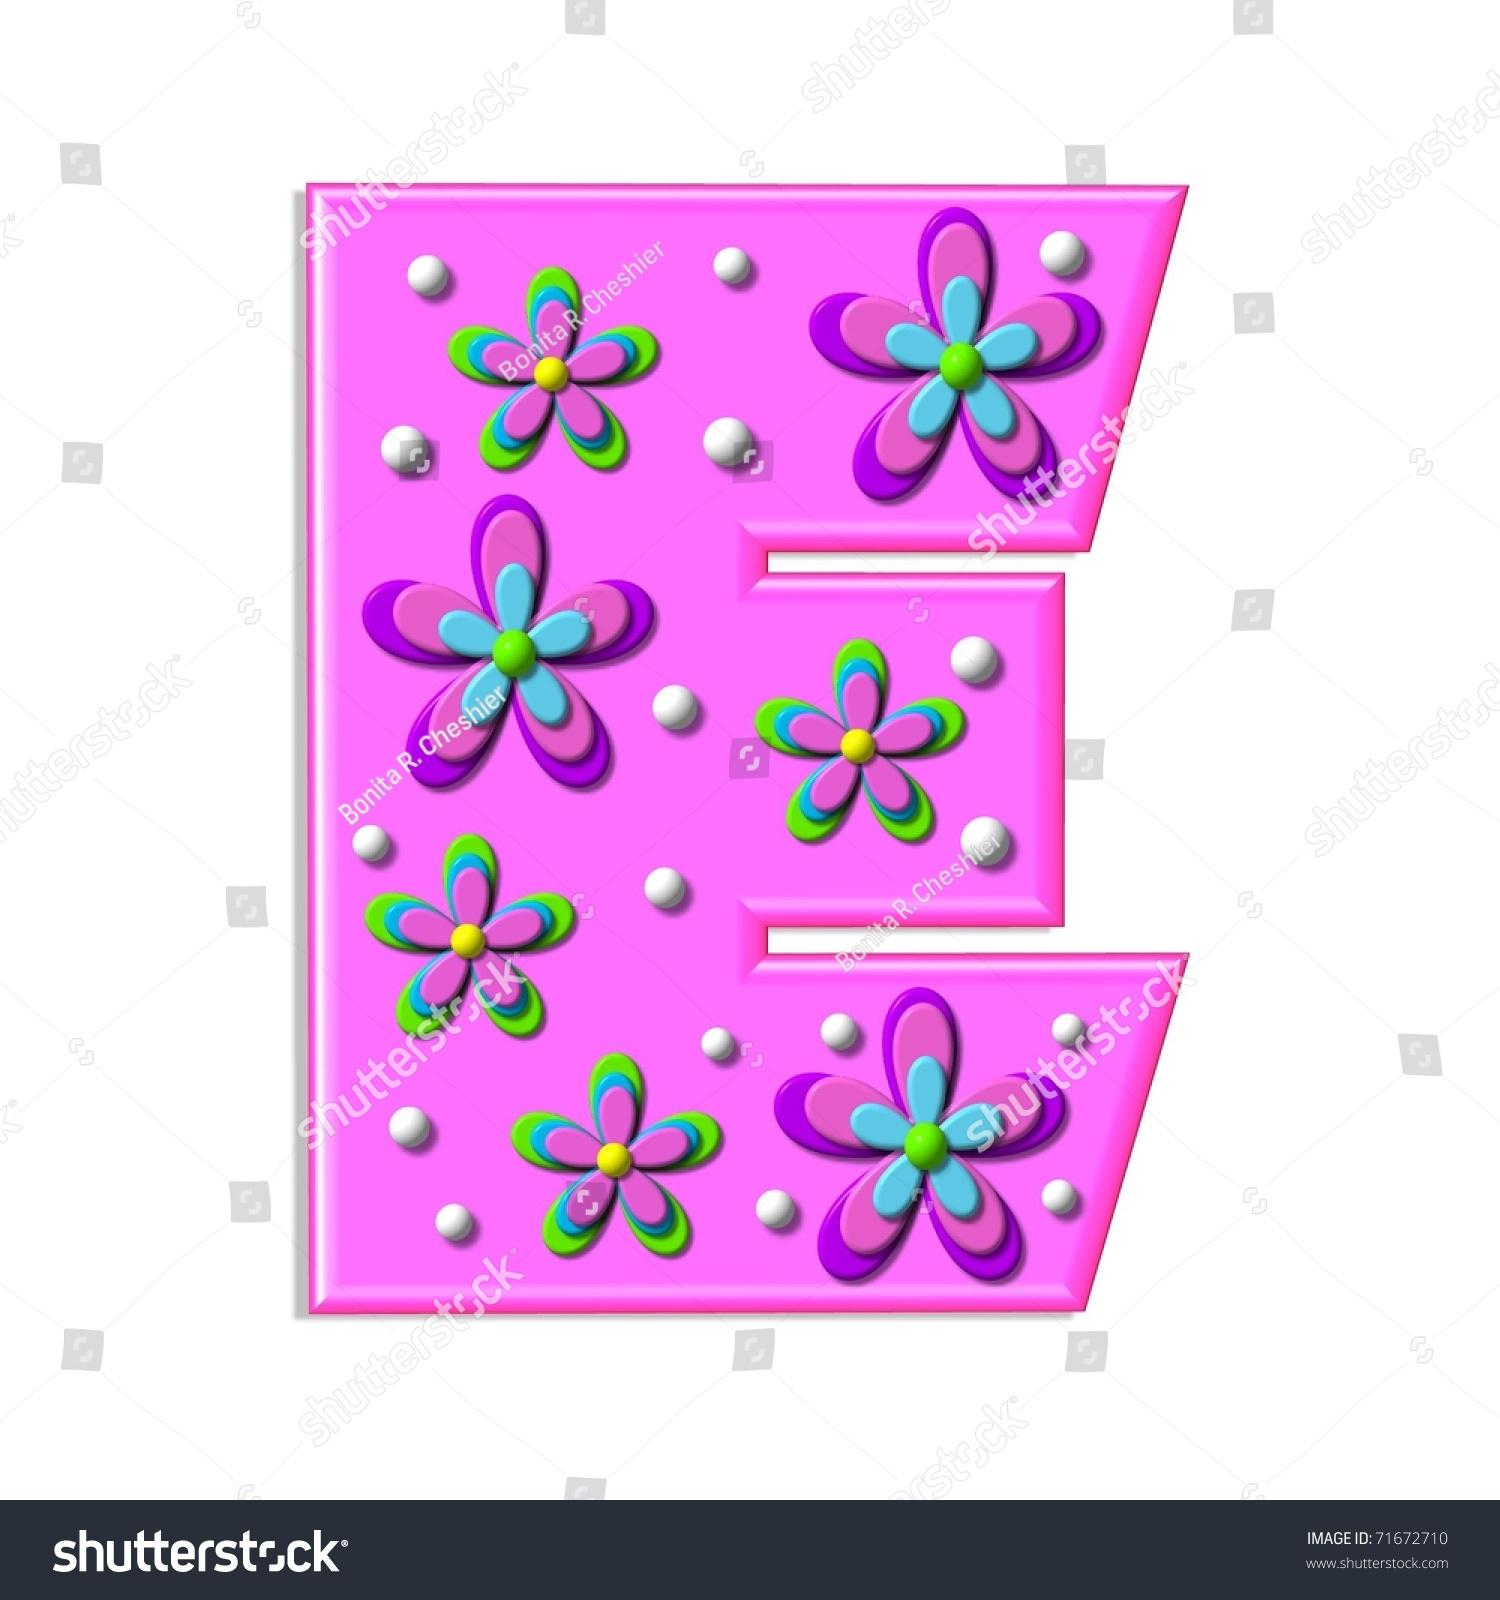 Funky Hot Pink Letter E Part Stock Illustration 71672710 - Shutterstock